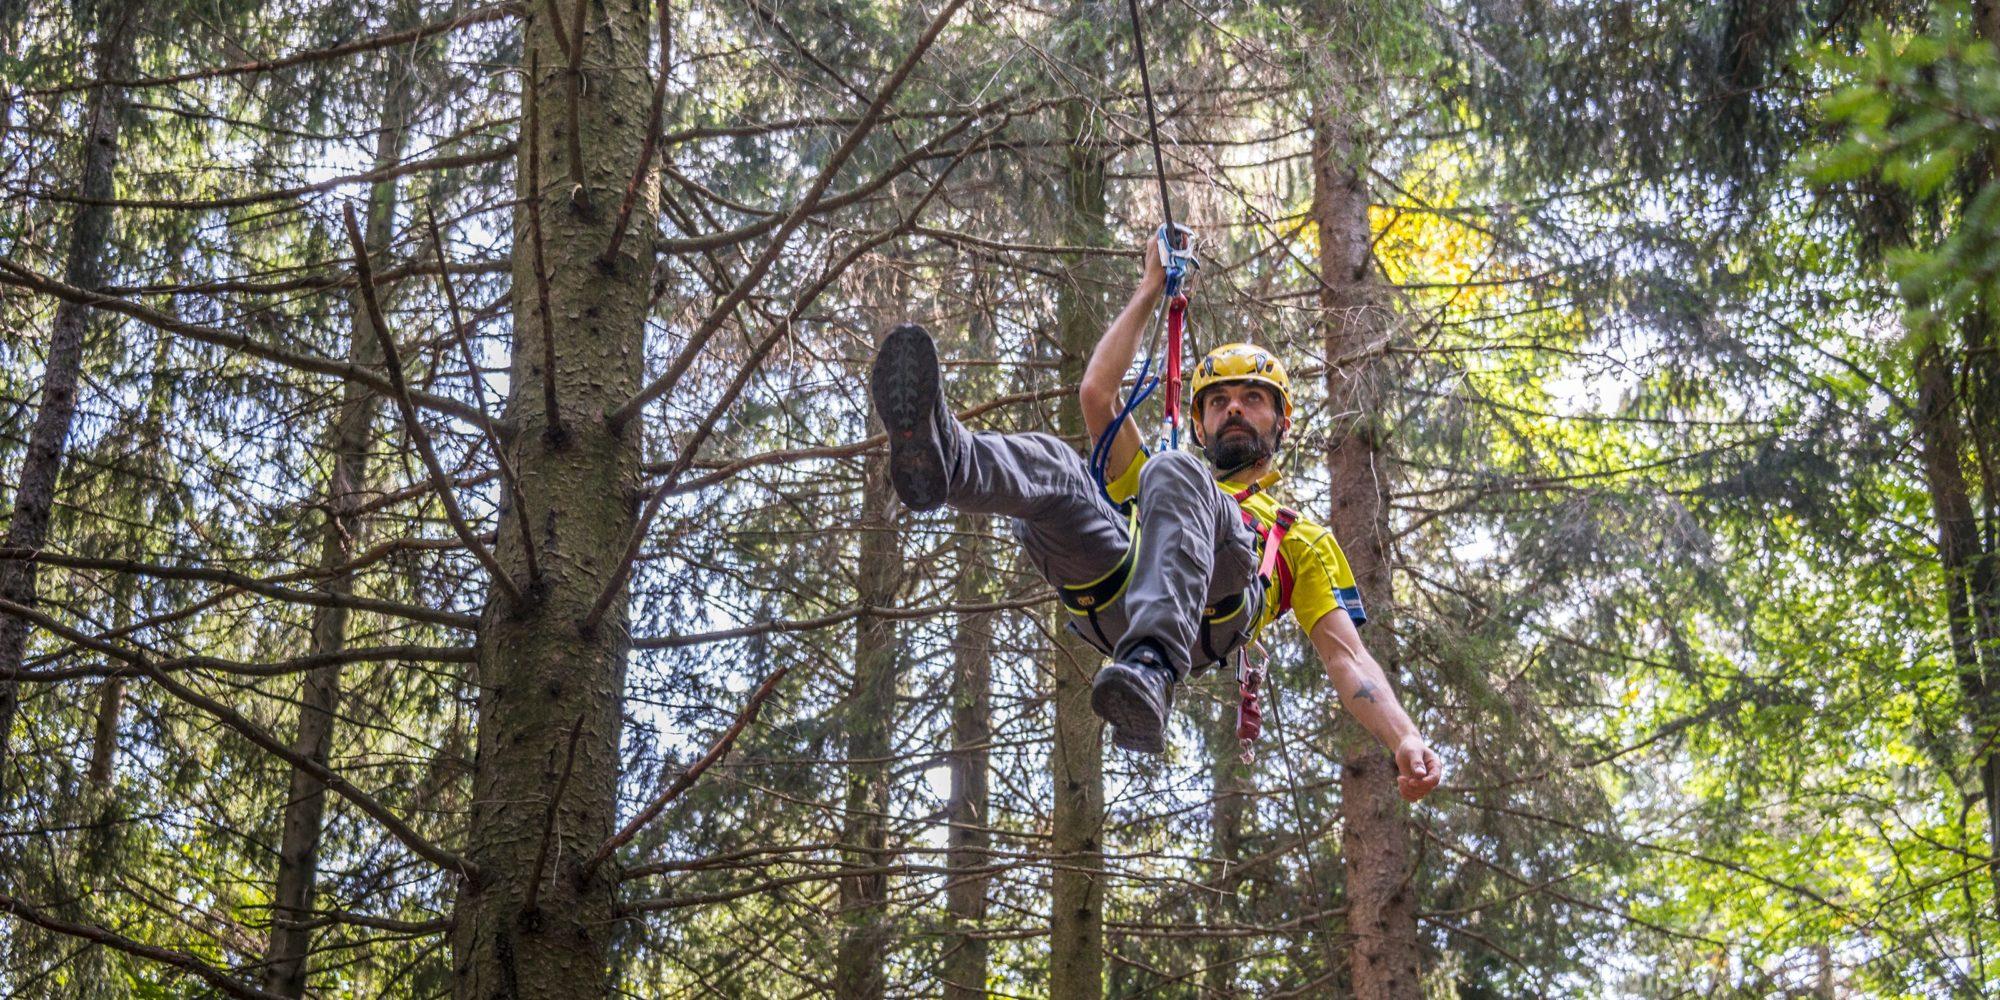 Emozionante carrucola del Jungle Raider Park a Civenna